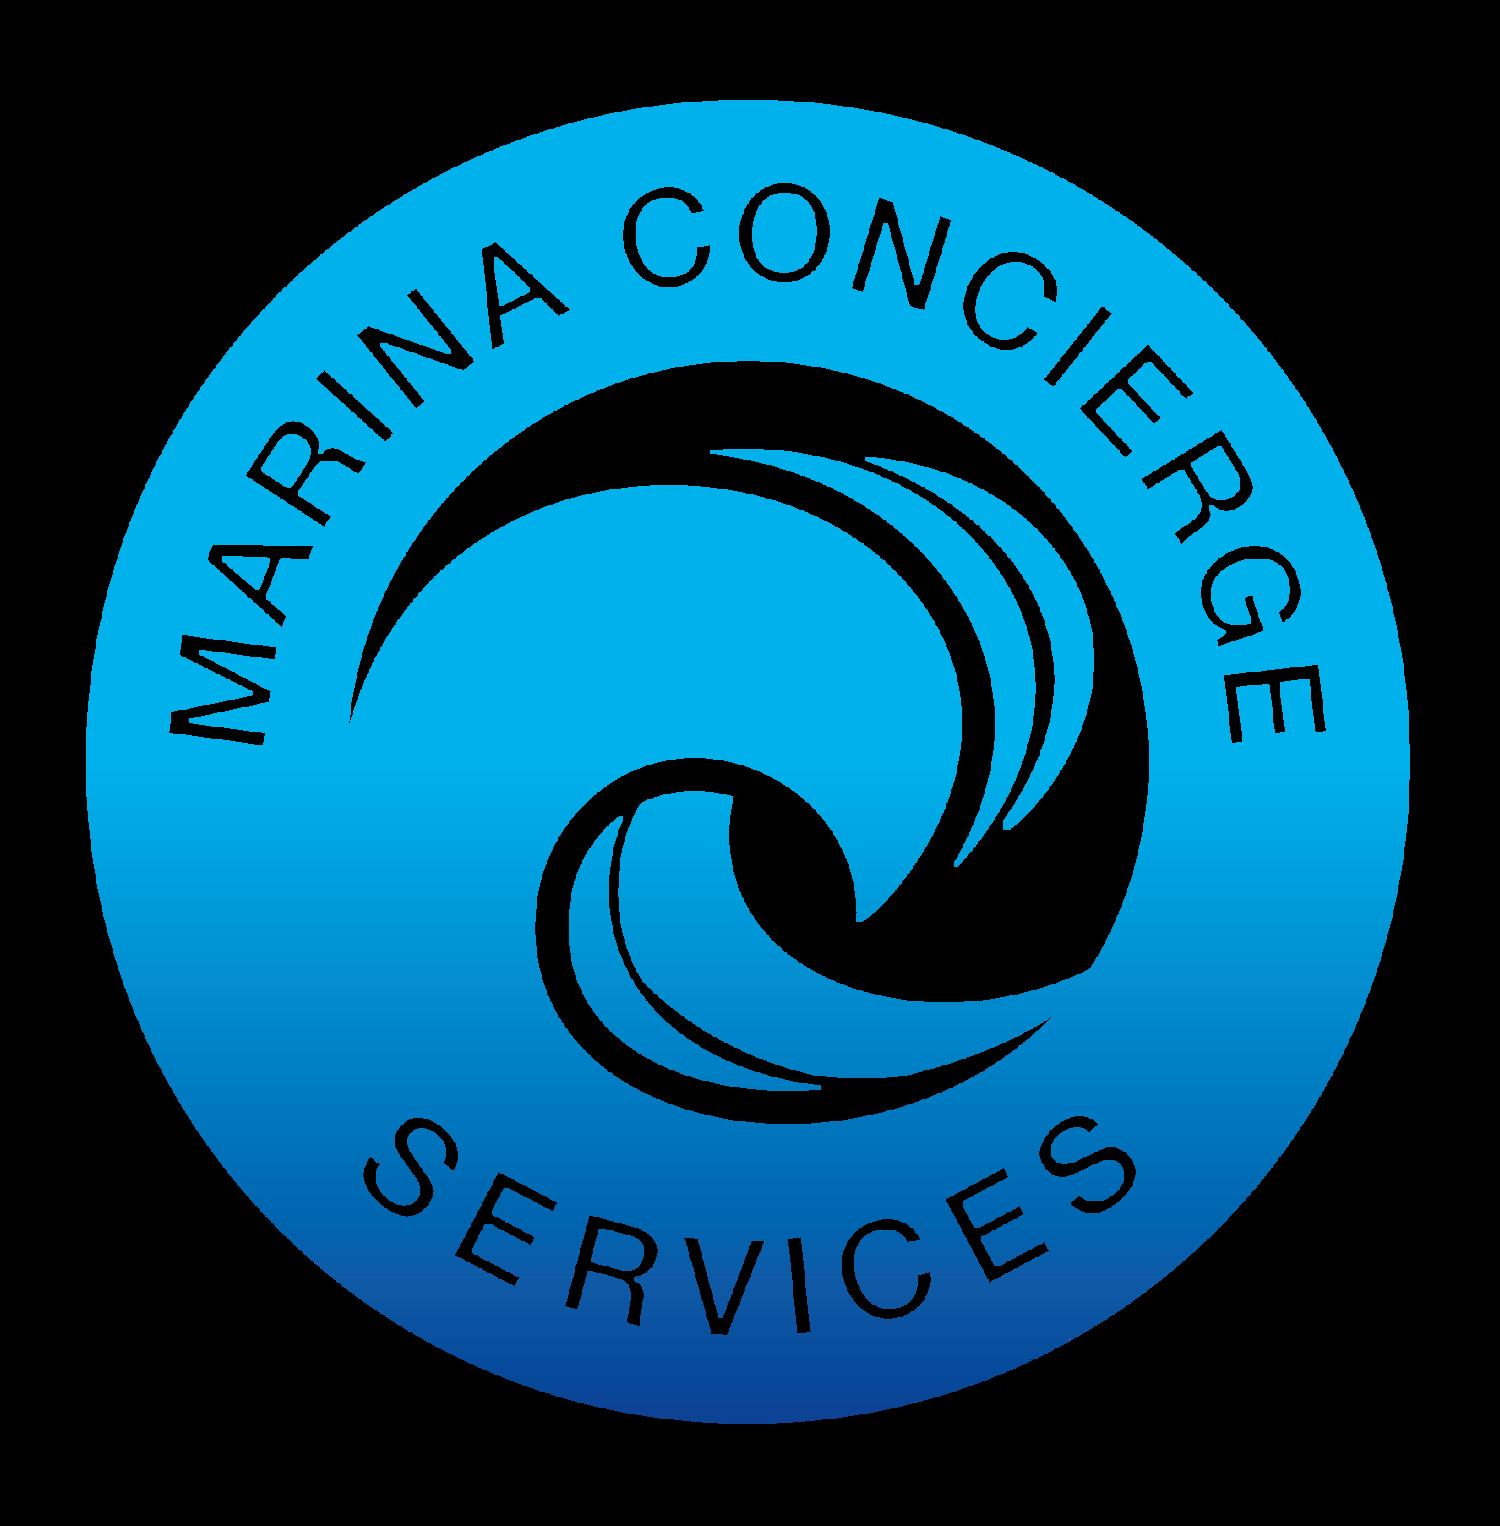 Marina Concierge Services